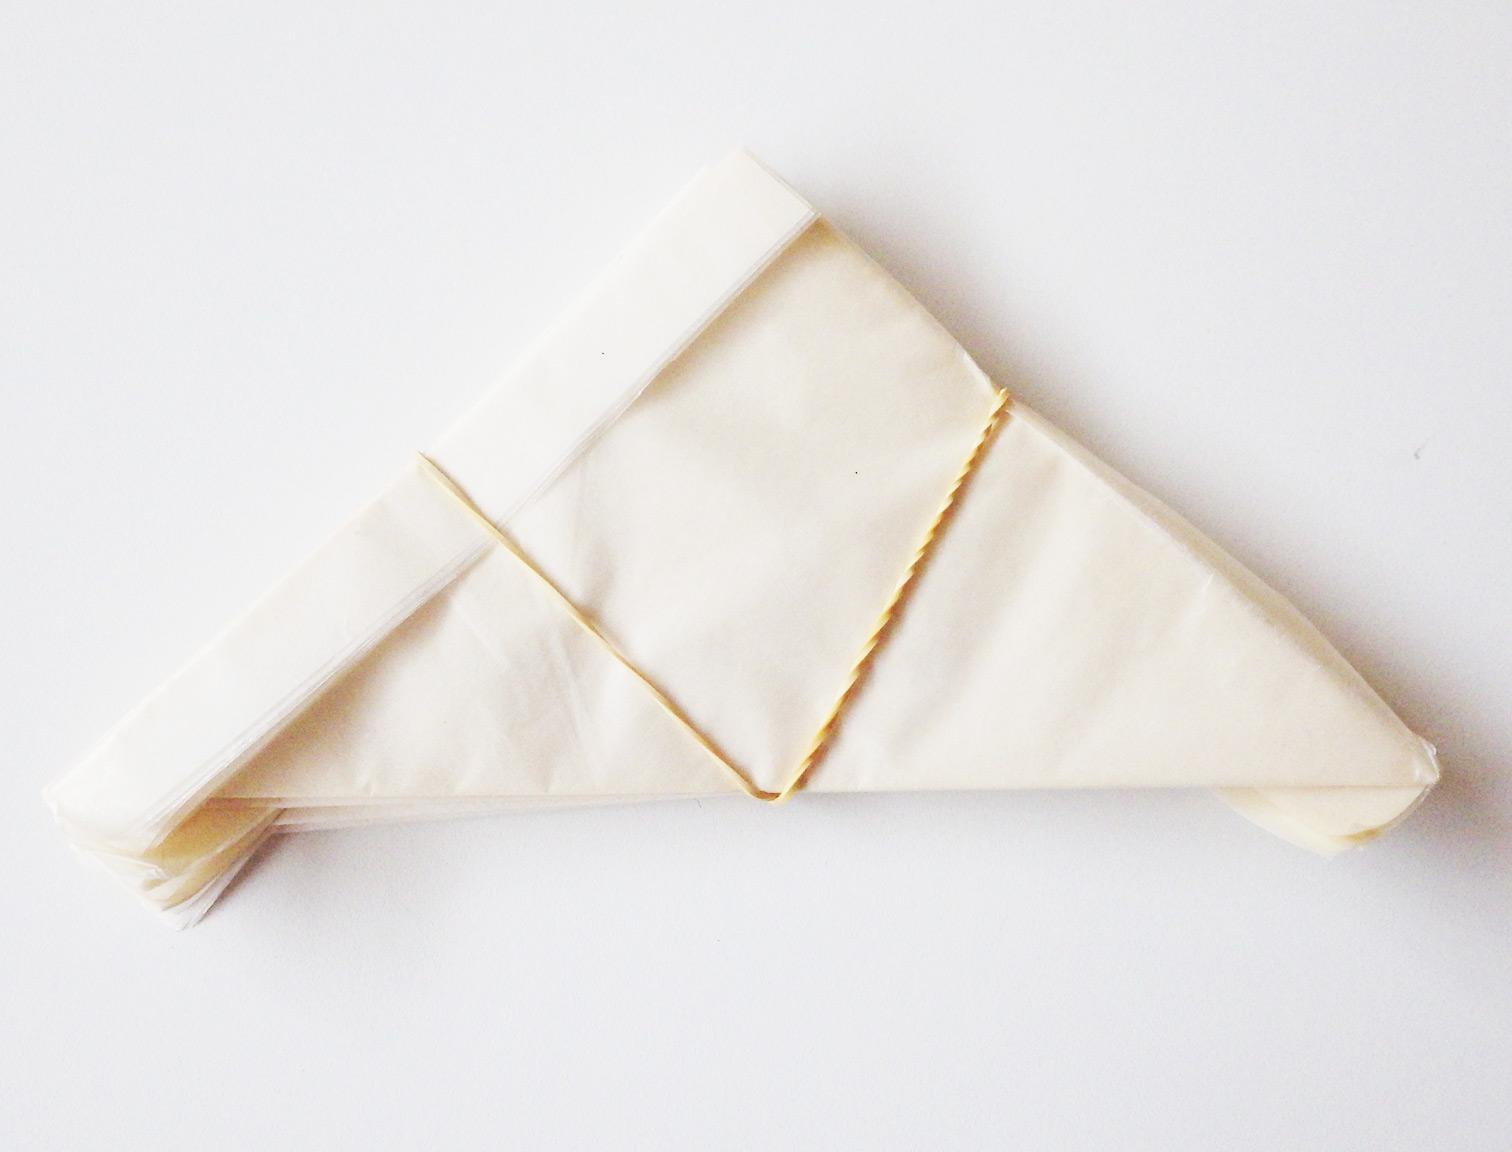 papilotten-pergamijn-groot